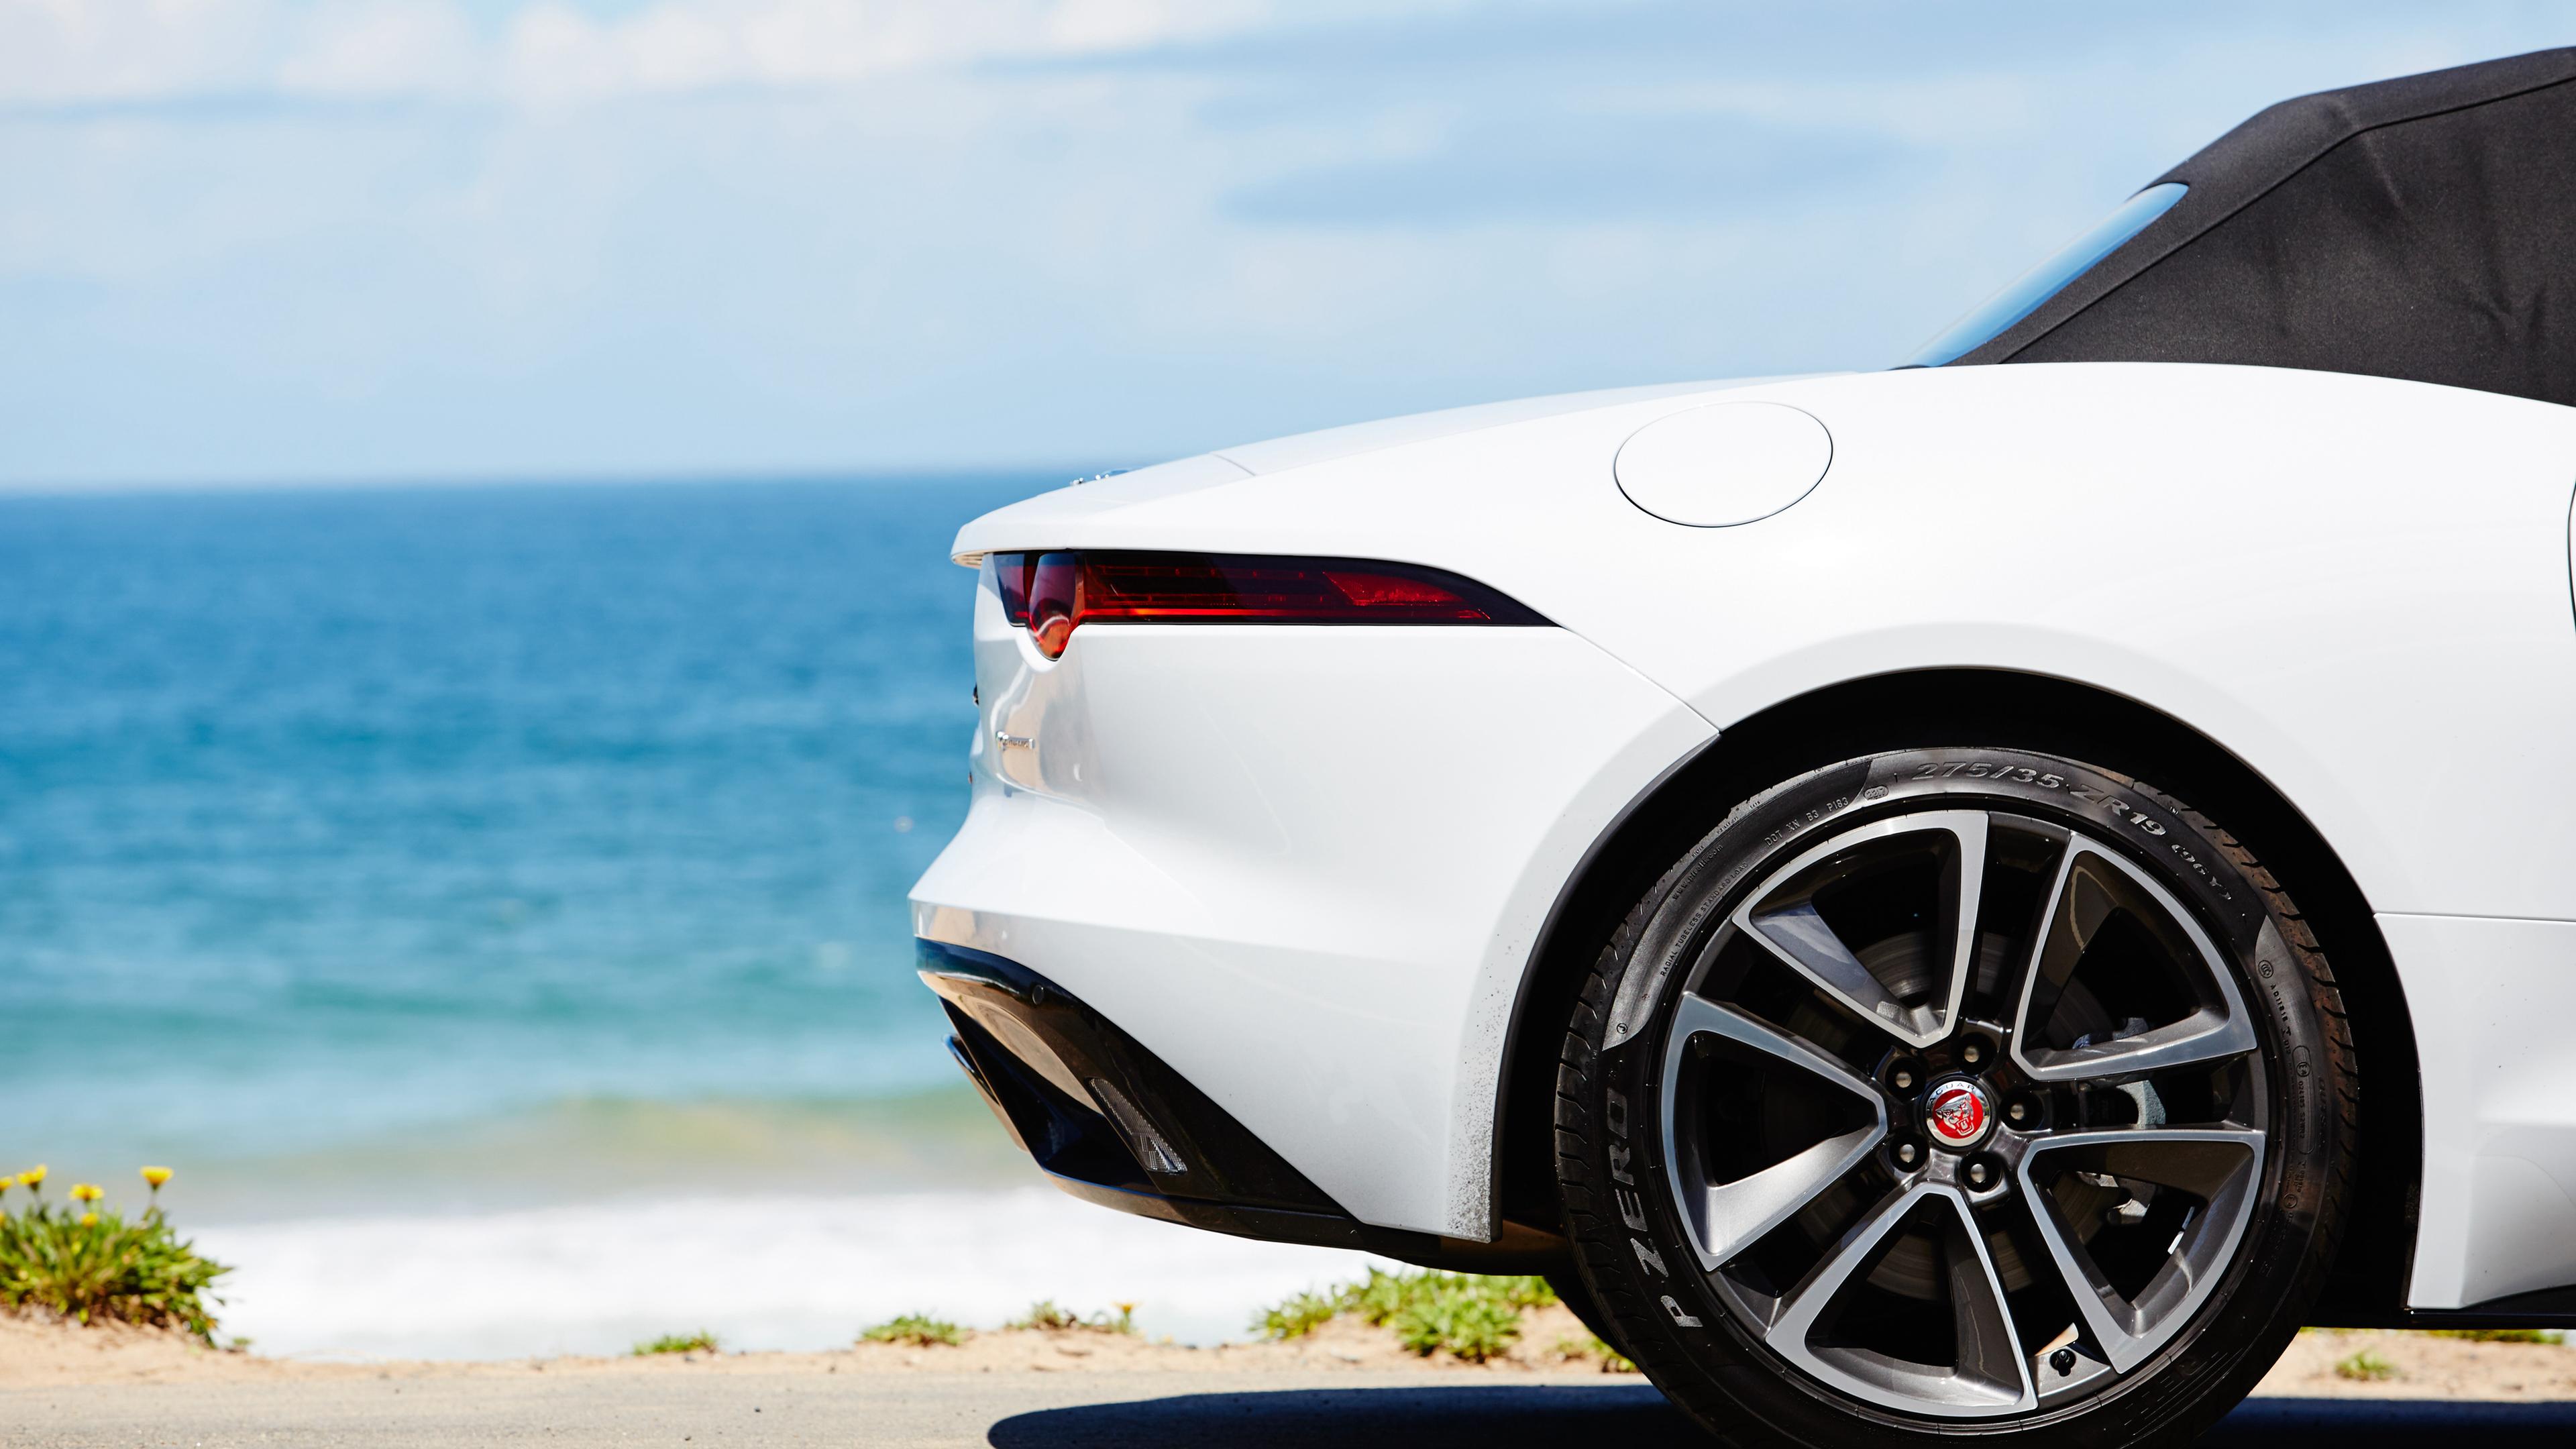 jaguar f type r dynamic convertible 1539108562 - Jaguar F Type R Dynamic Convertible - jaguar wallpapers, jaguar f type wallpapers, hd-wallpapers, cars wallpapers, 4k-wallpapers